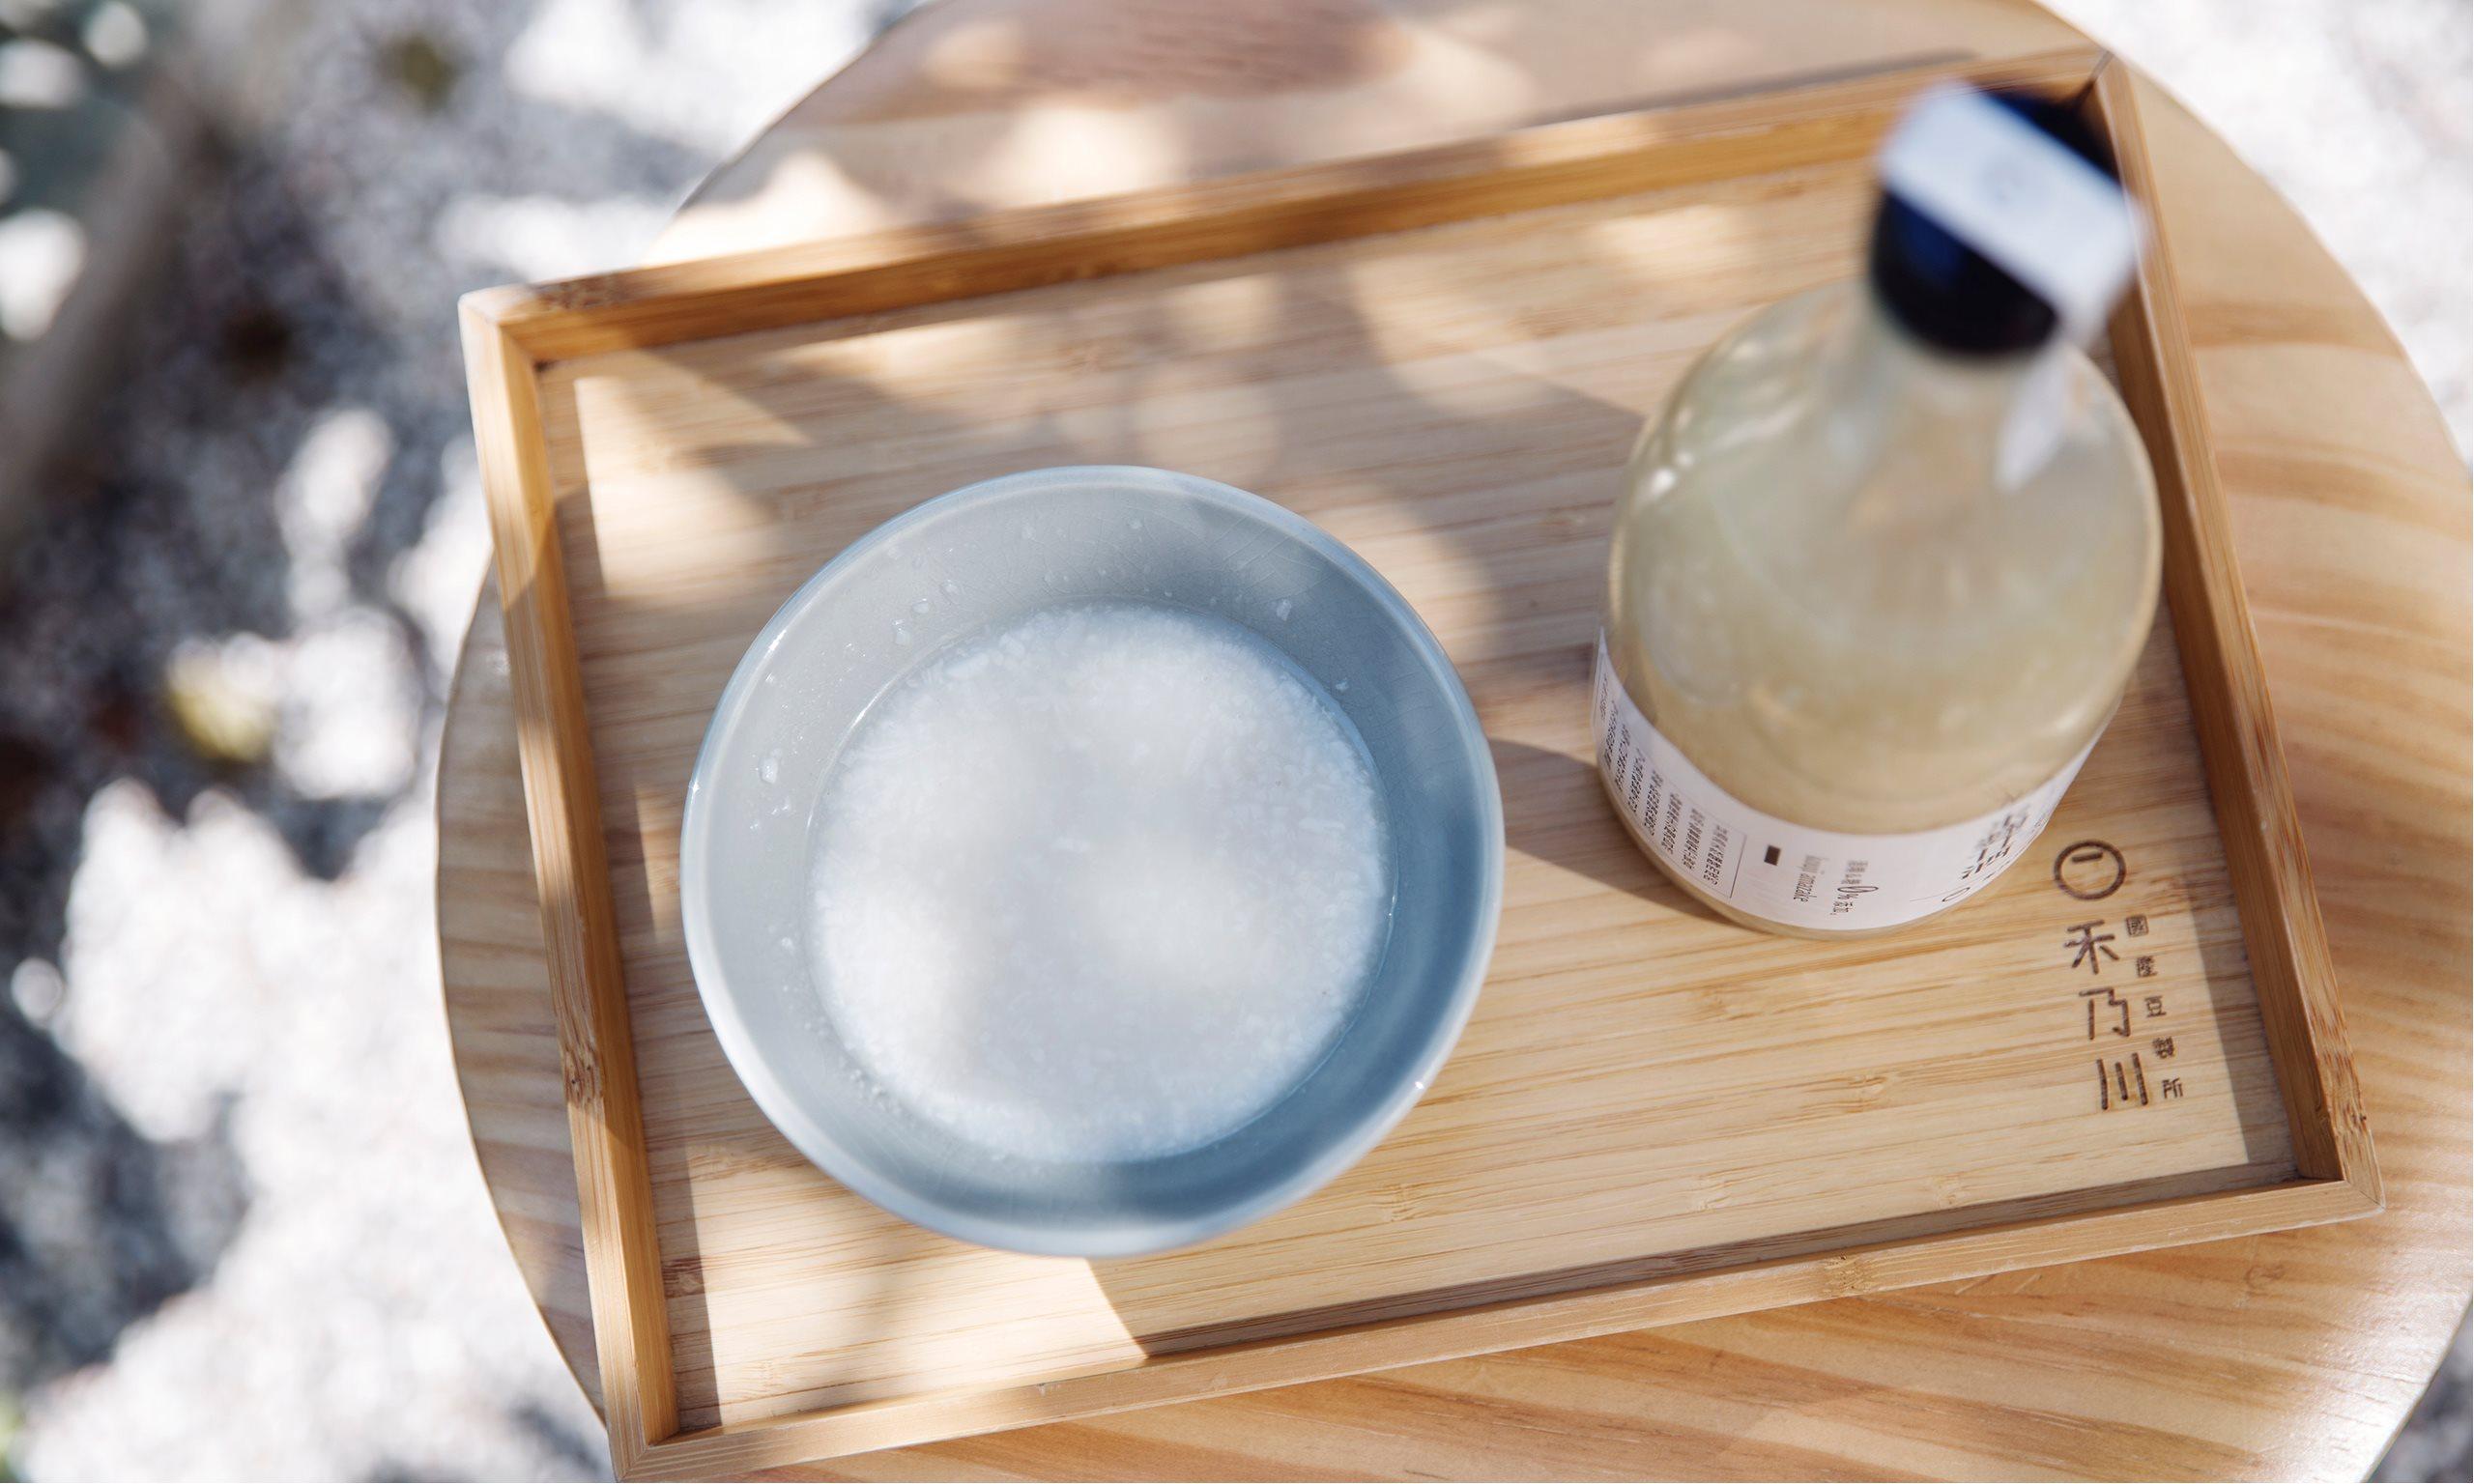 你知道含有天然酵素及幫助消化的米麴如何製作的嗎?